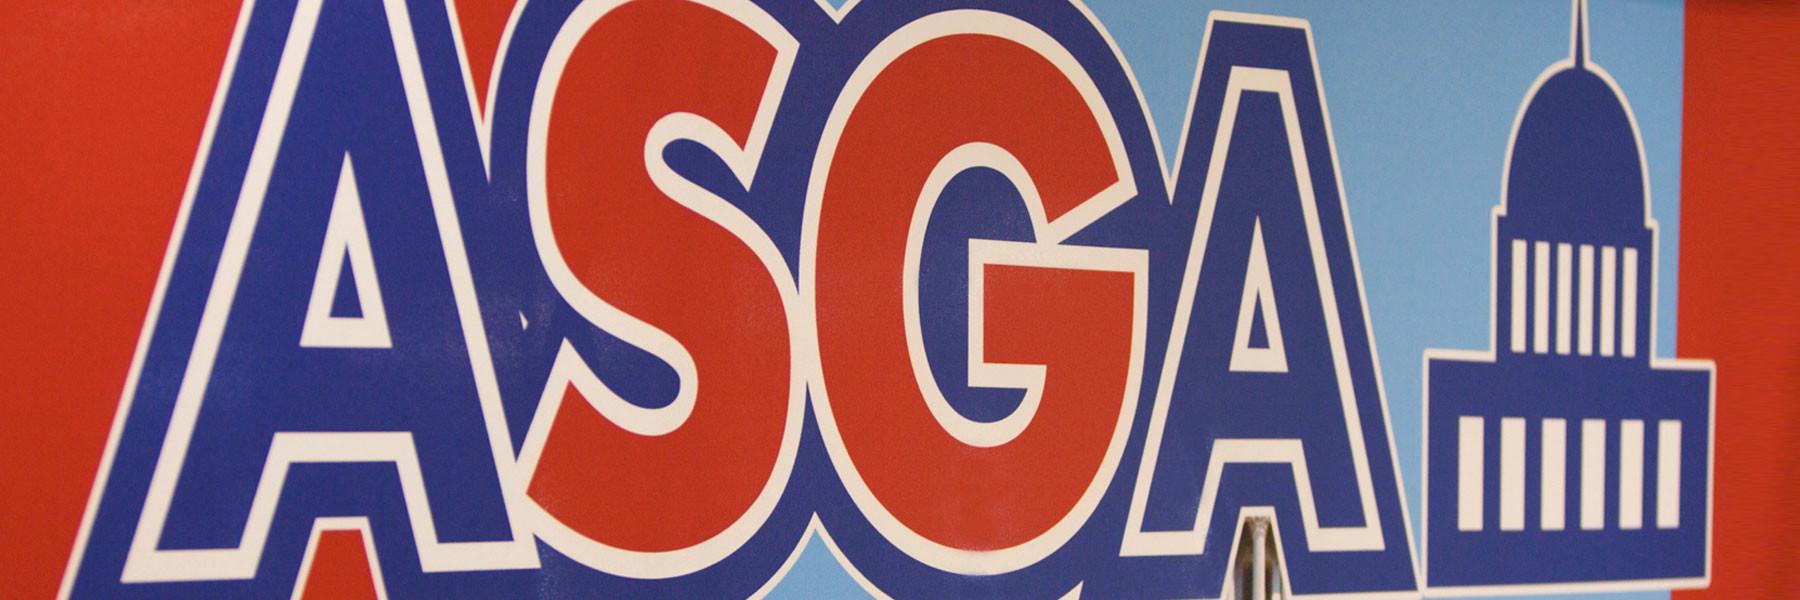 SG Conferences